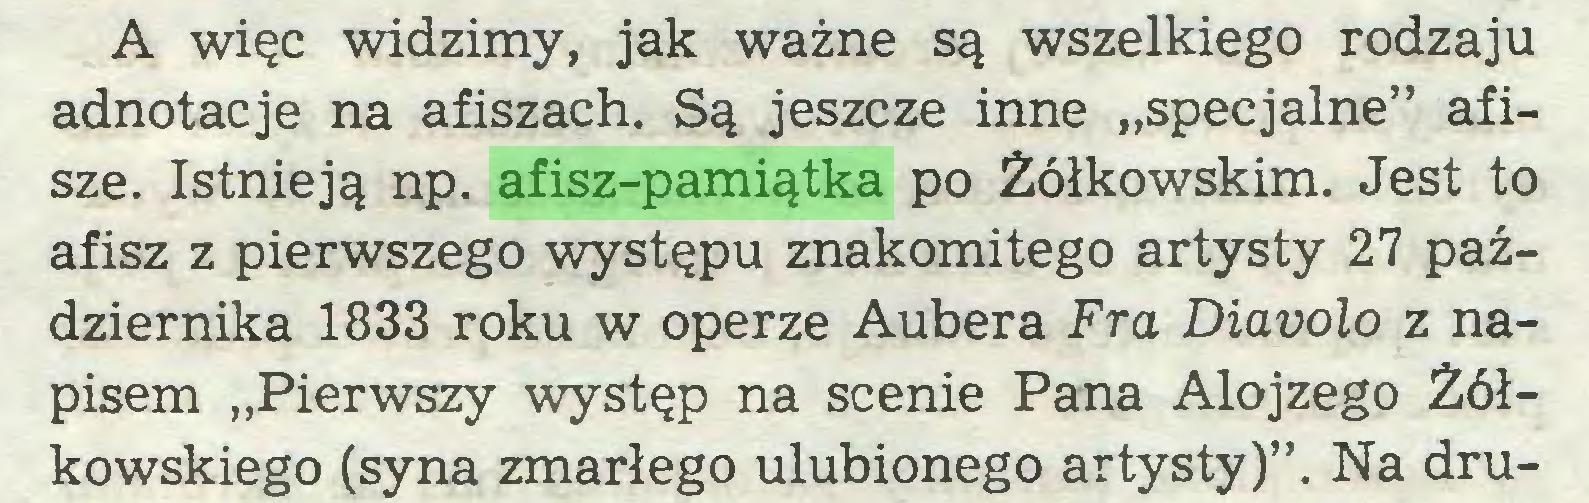 """(...) A więc widzimy, jak ważne są wszelkiego rodzaju adnotacje na afiszach. Są jeszcze inne """"specjalne"""" afisze. Istnieją np. afisz-pamiątka po Żółkowskim. Jest to afisz z pierwszego występu znakomitego artysty 27 października 1833 roku w operze Aubera Fra Diavolo z napisem """"Pierwszy występ na scenie Pana Alojzego Żółkowskiego (syna zmarłego ulubionego artysty)"""". Na dru..."""